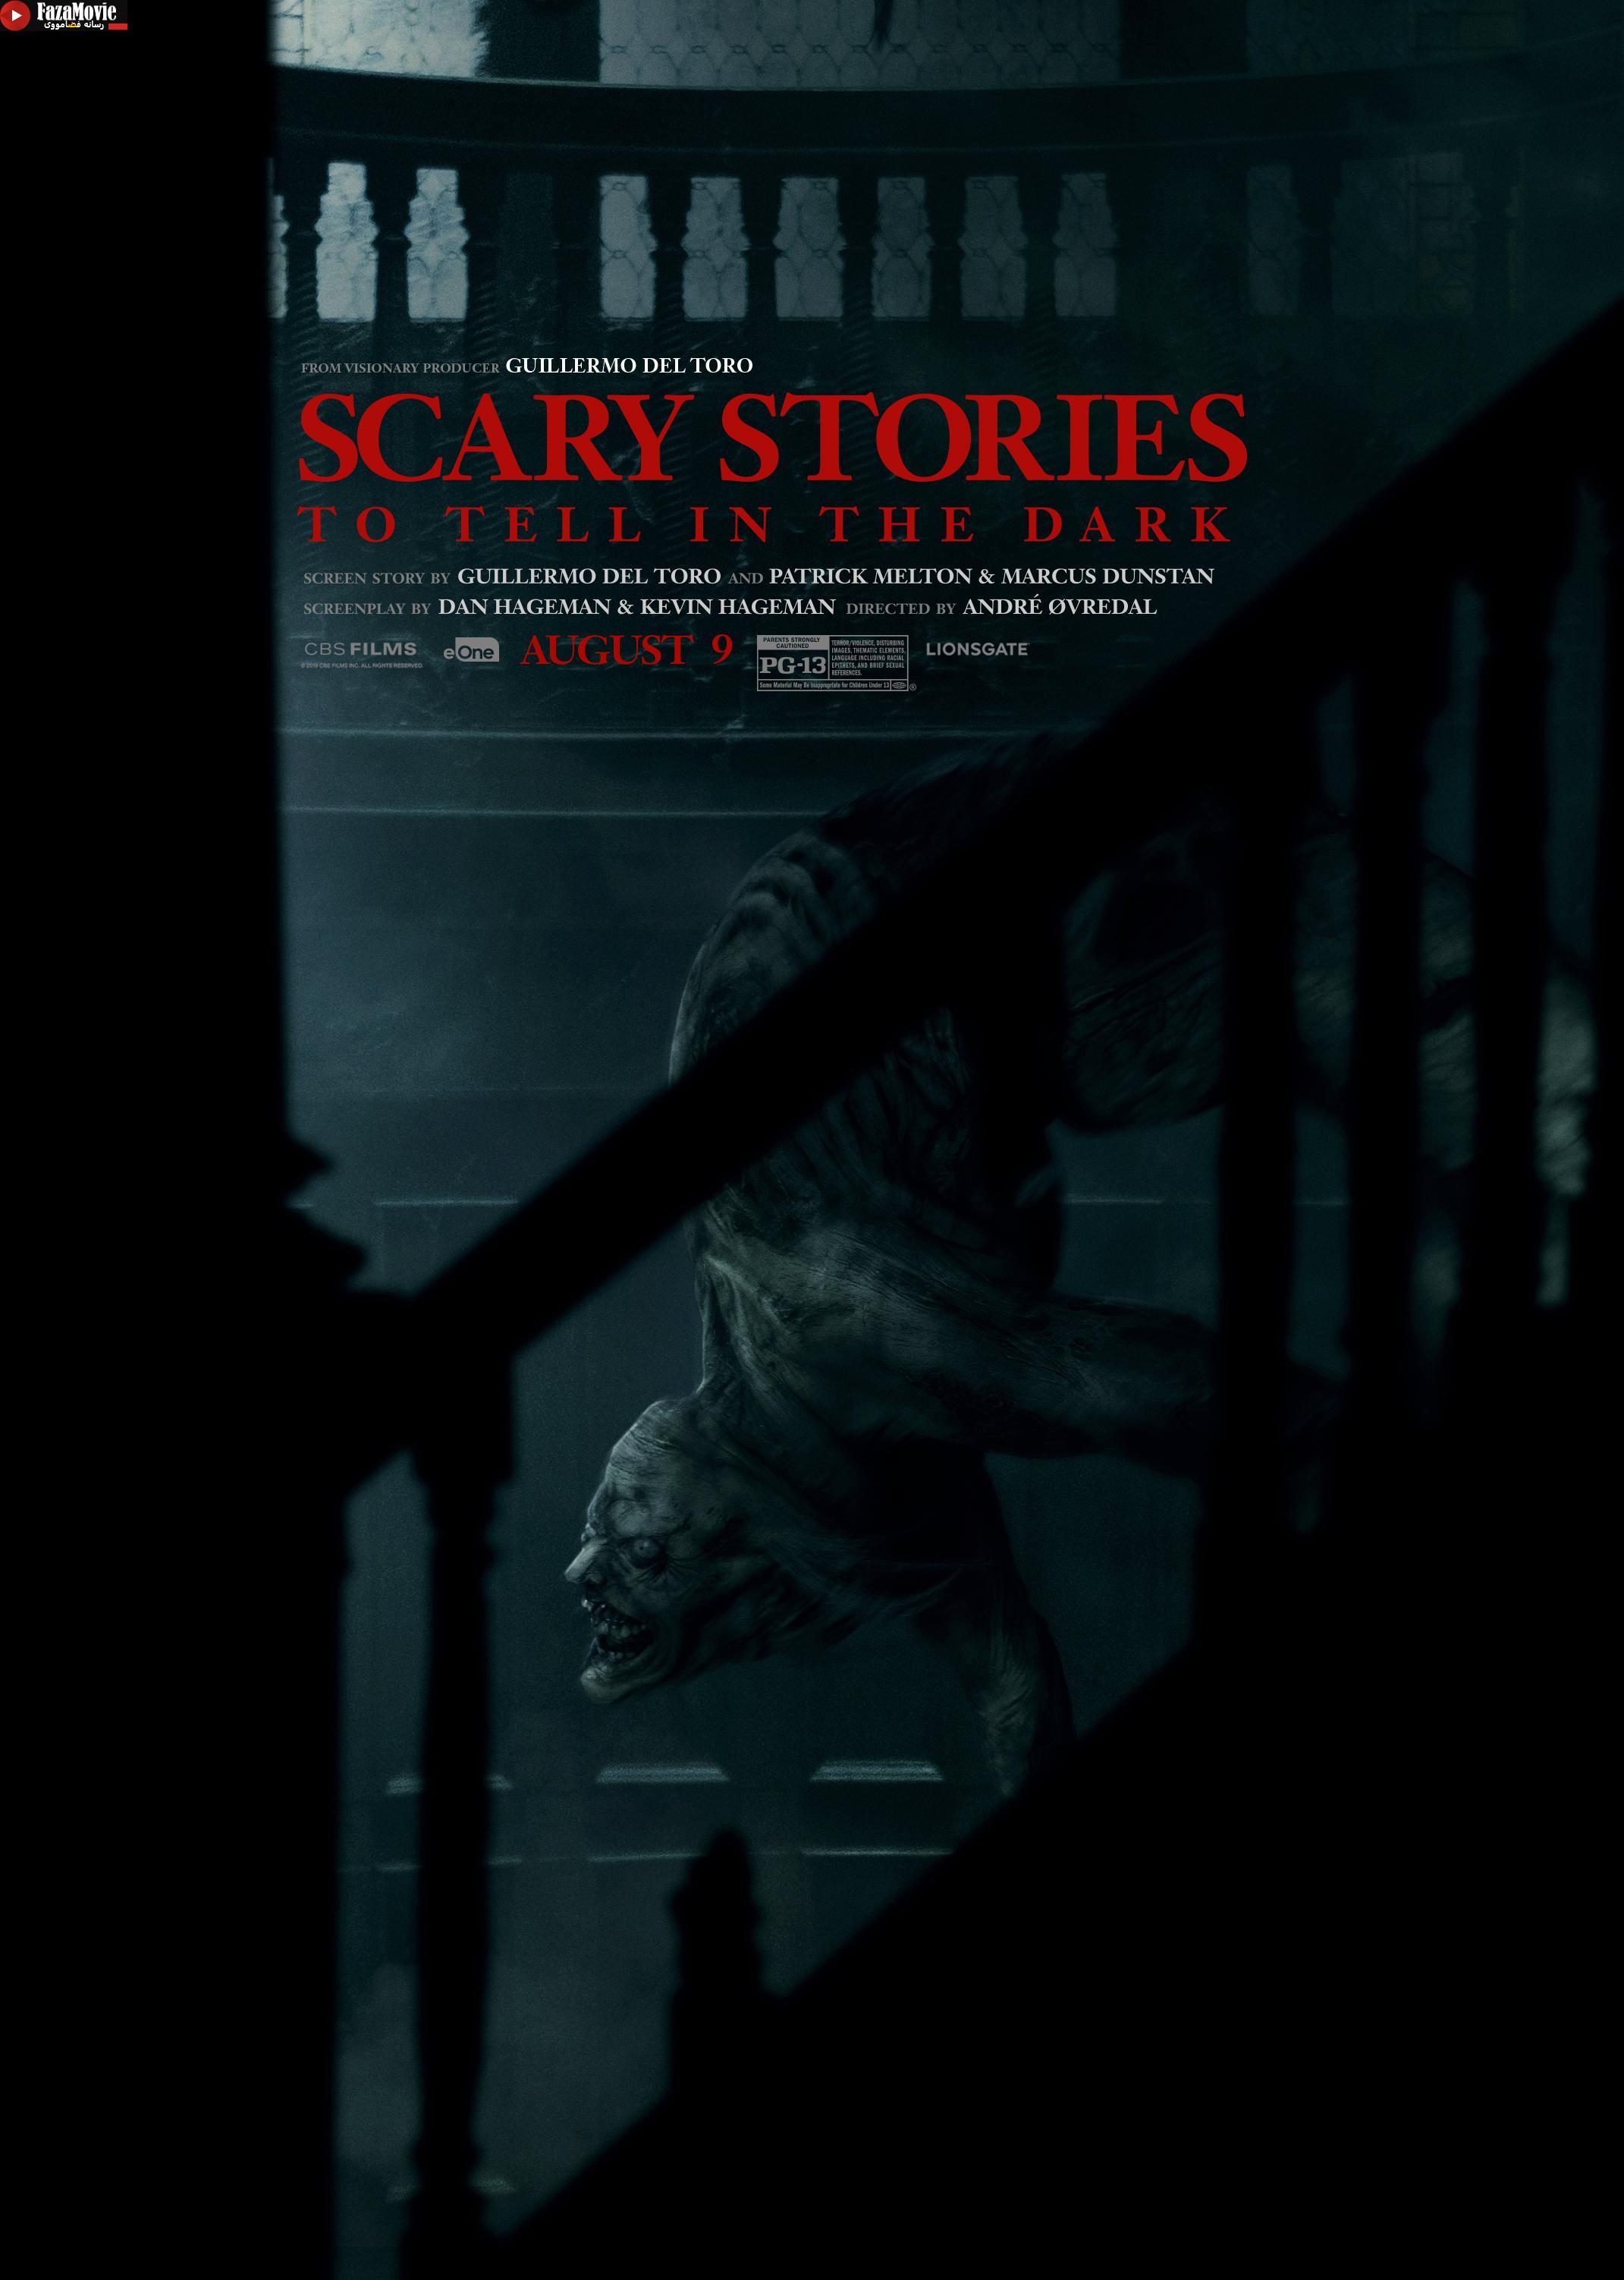 دانلود فیلم Scary Stories to Tell in the Dark 2019 داستان های ترسناک برای گفتن در تاریکی با زیرنویس فارسی